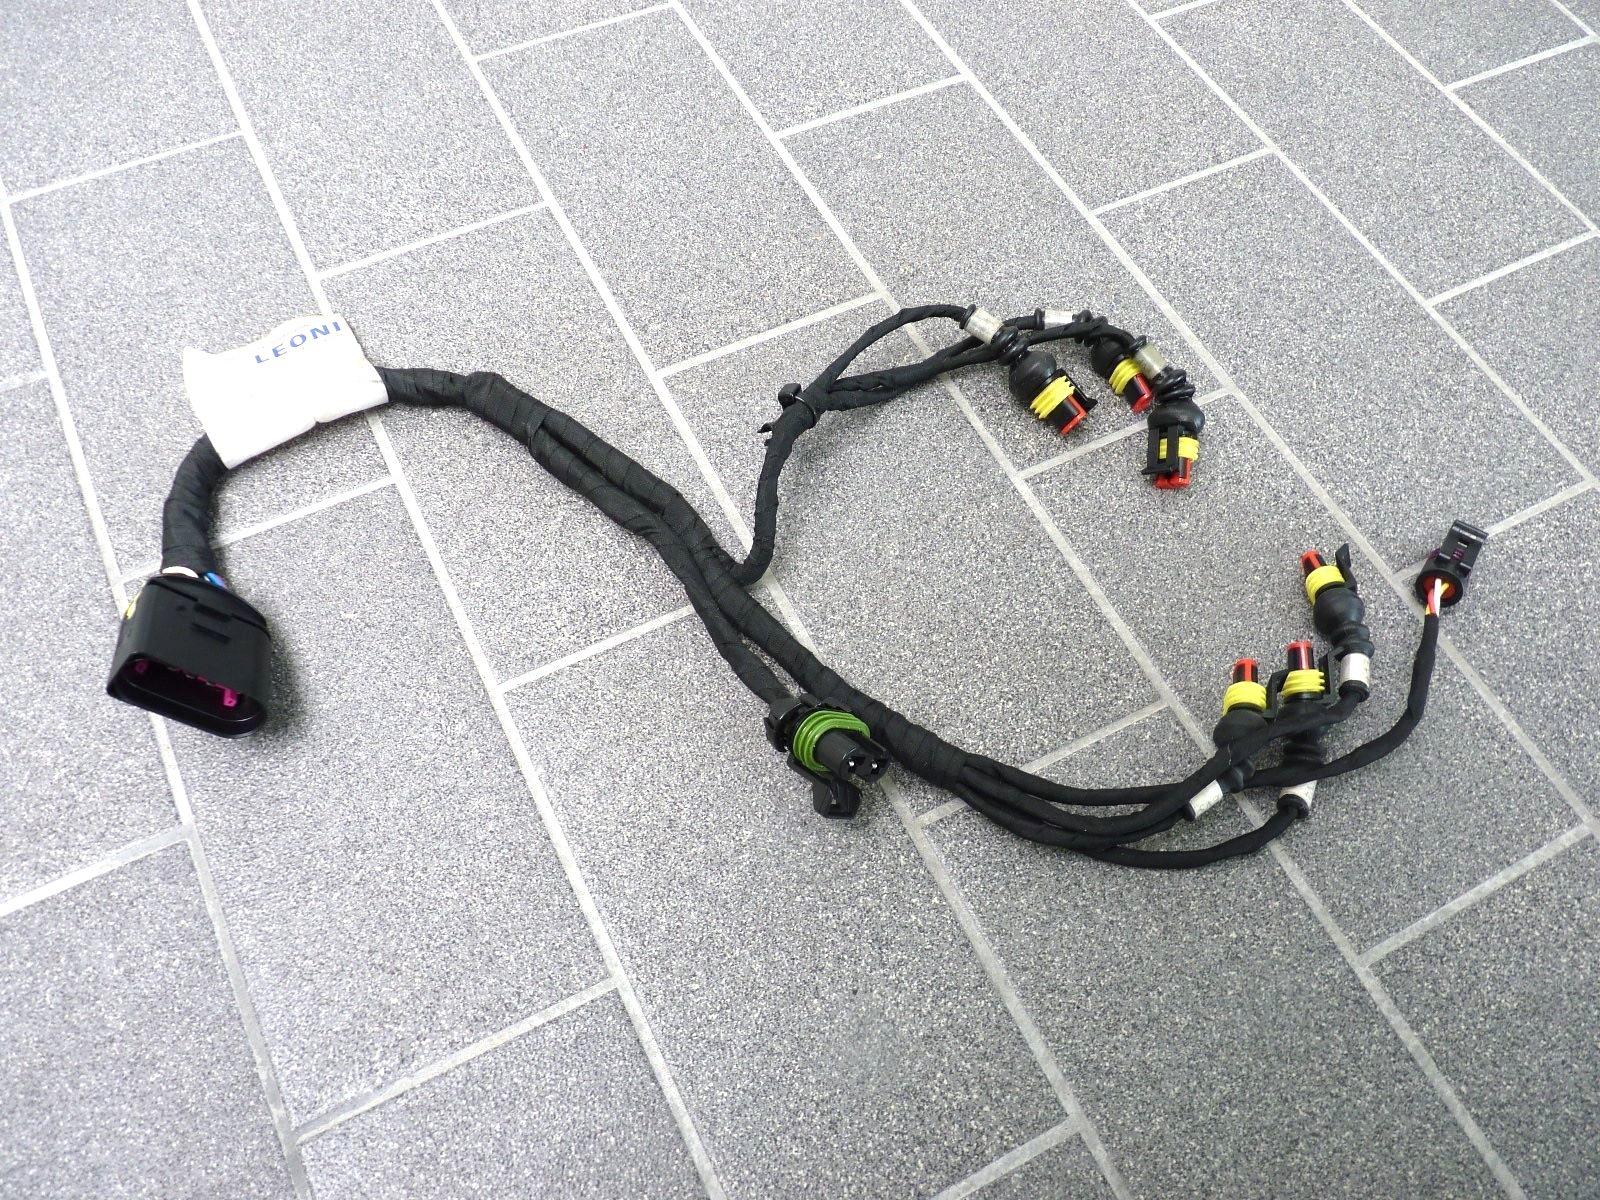 Lamborghini Gallardo E Gear Cable Loom  Wiring Harness